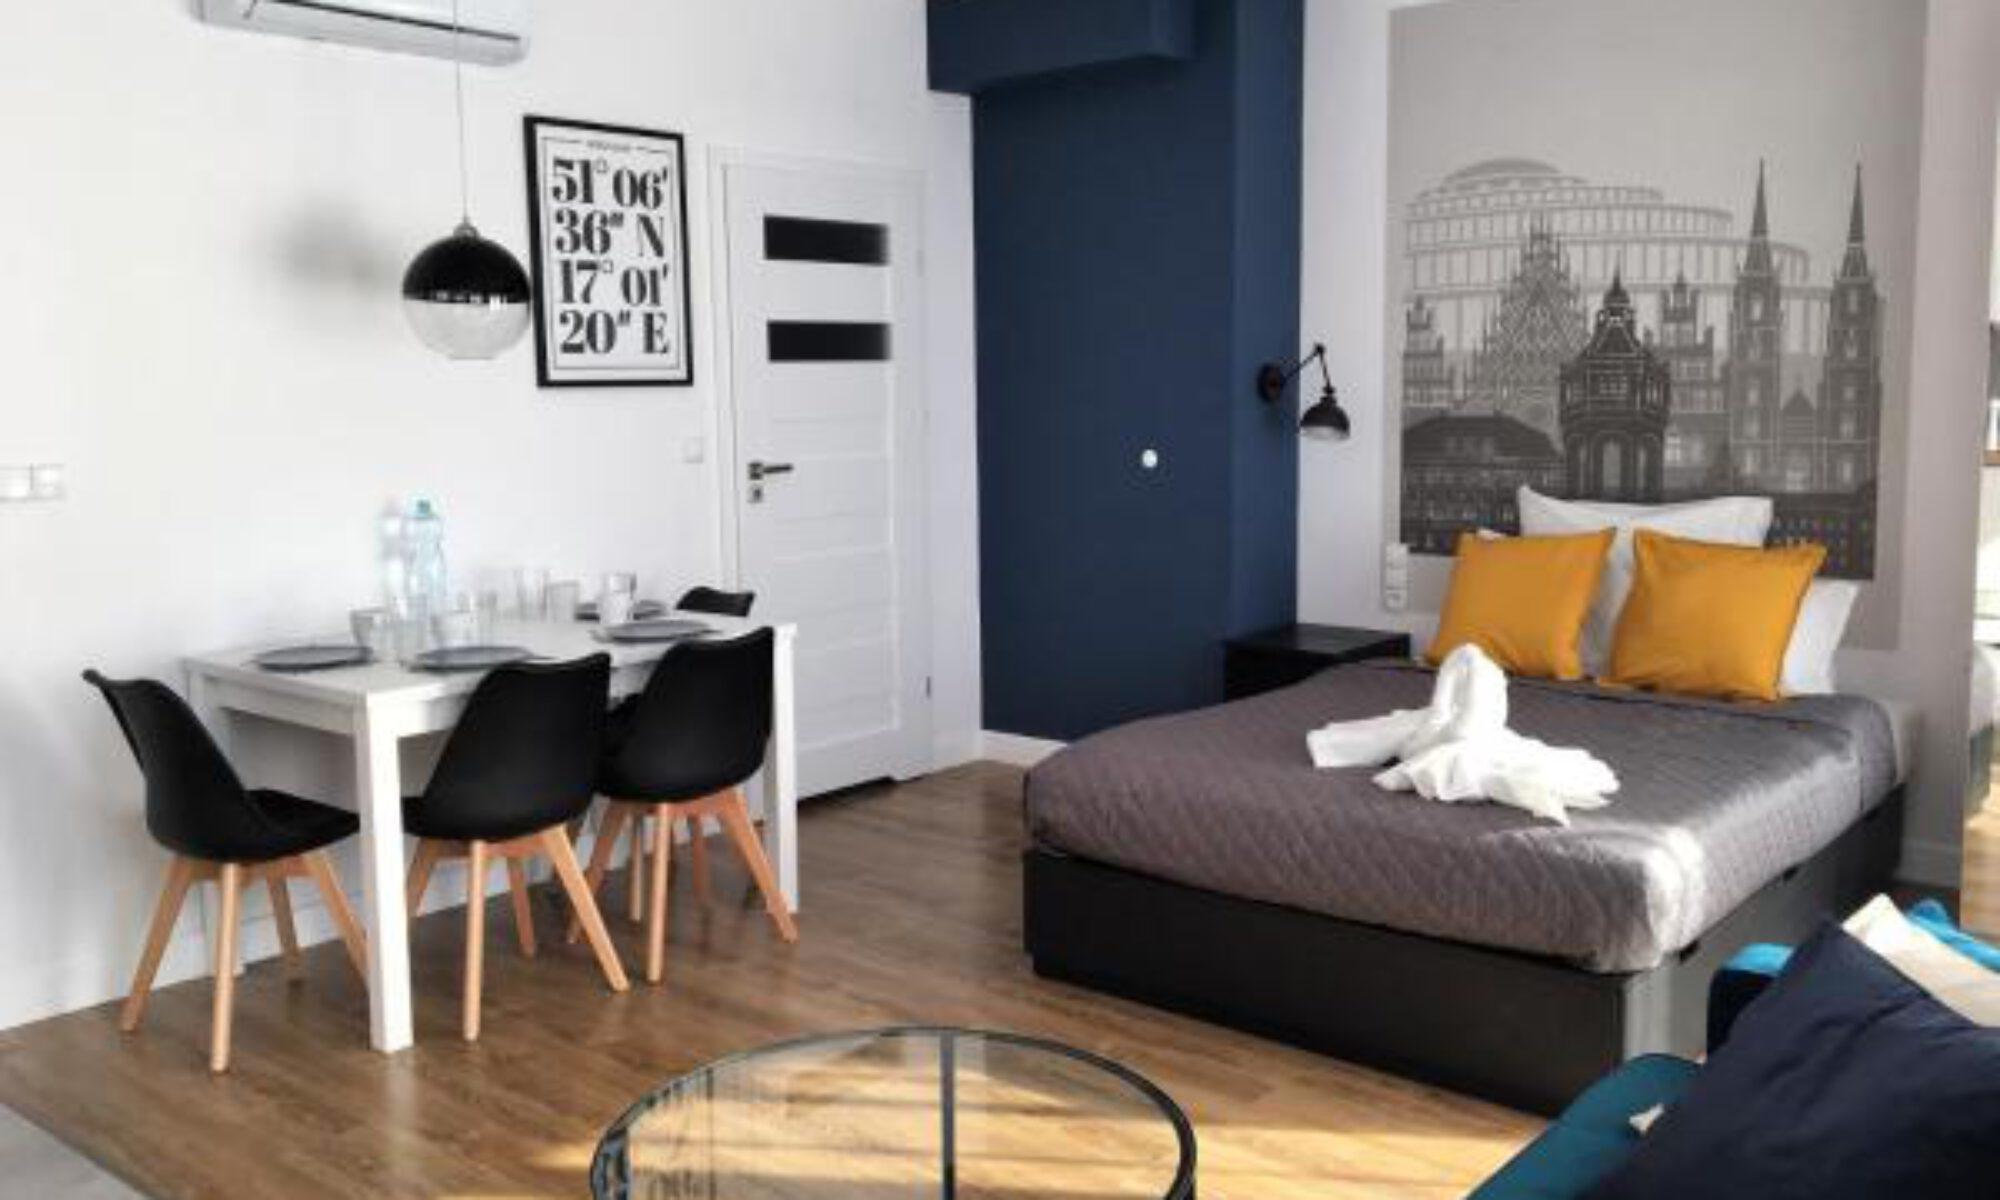 Apartament vs hotel vs villa